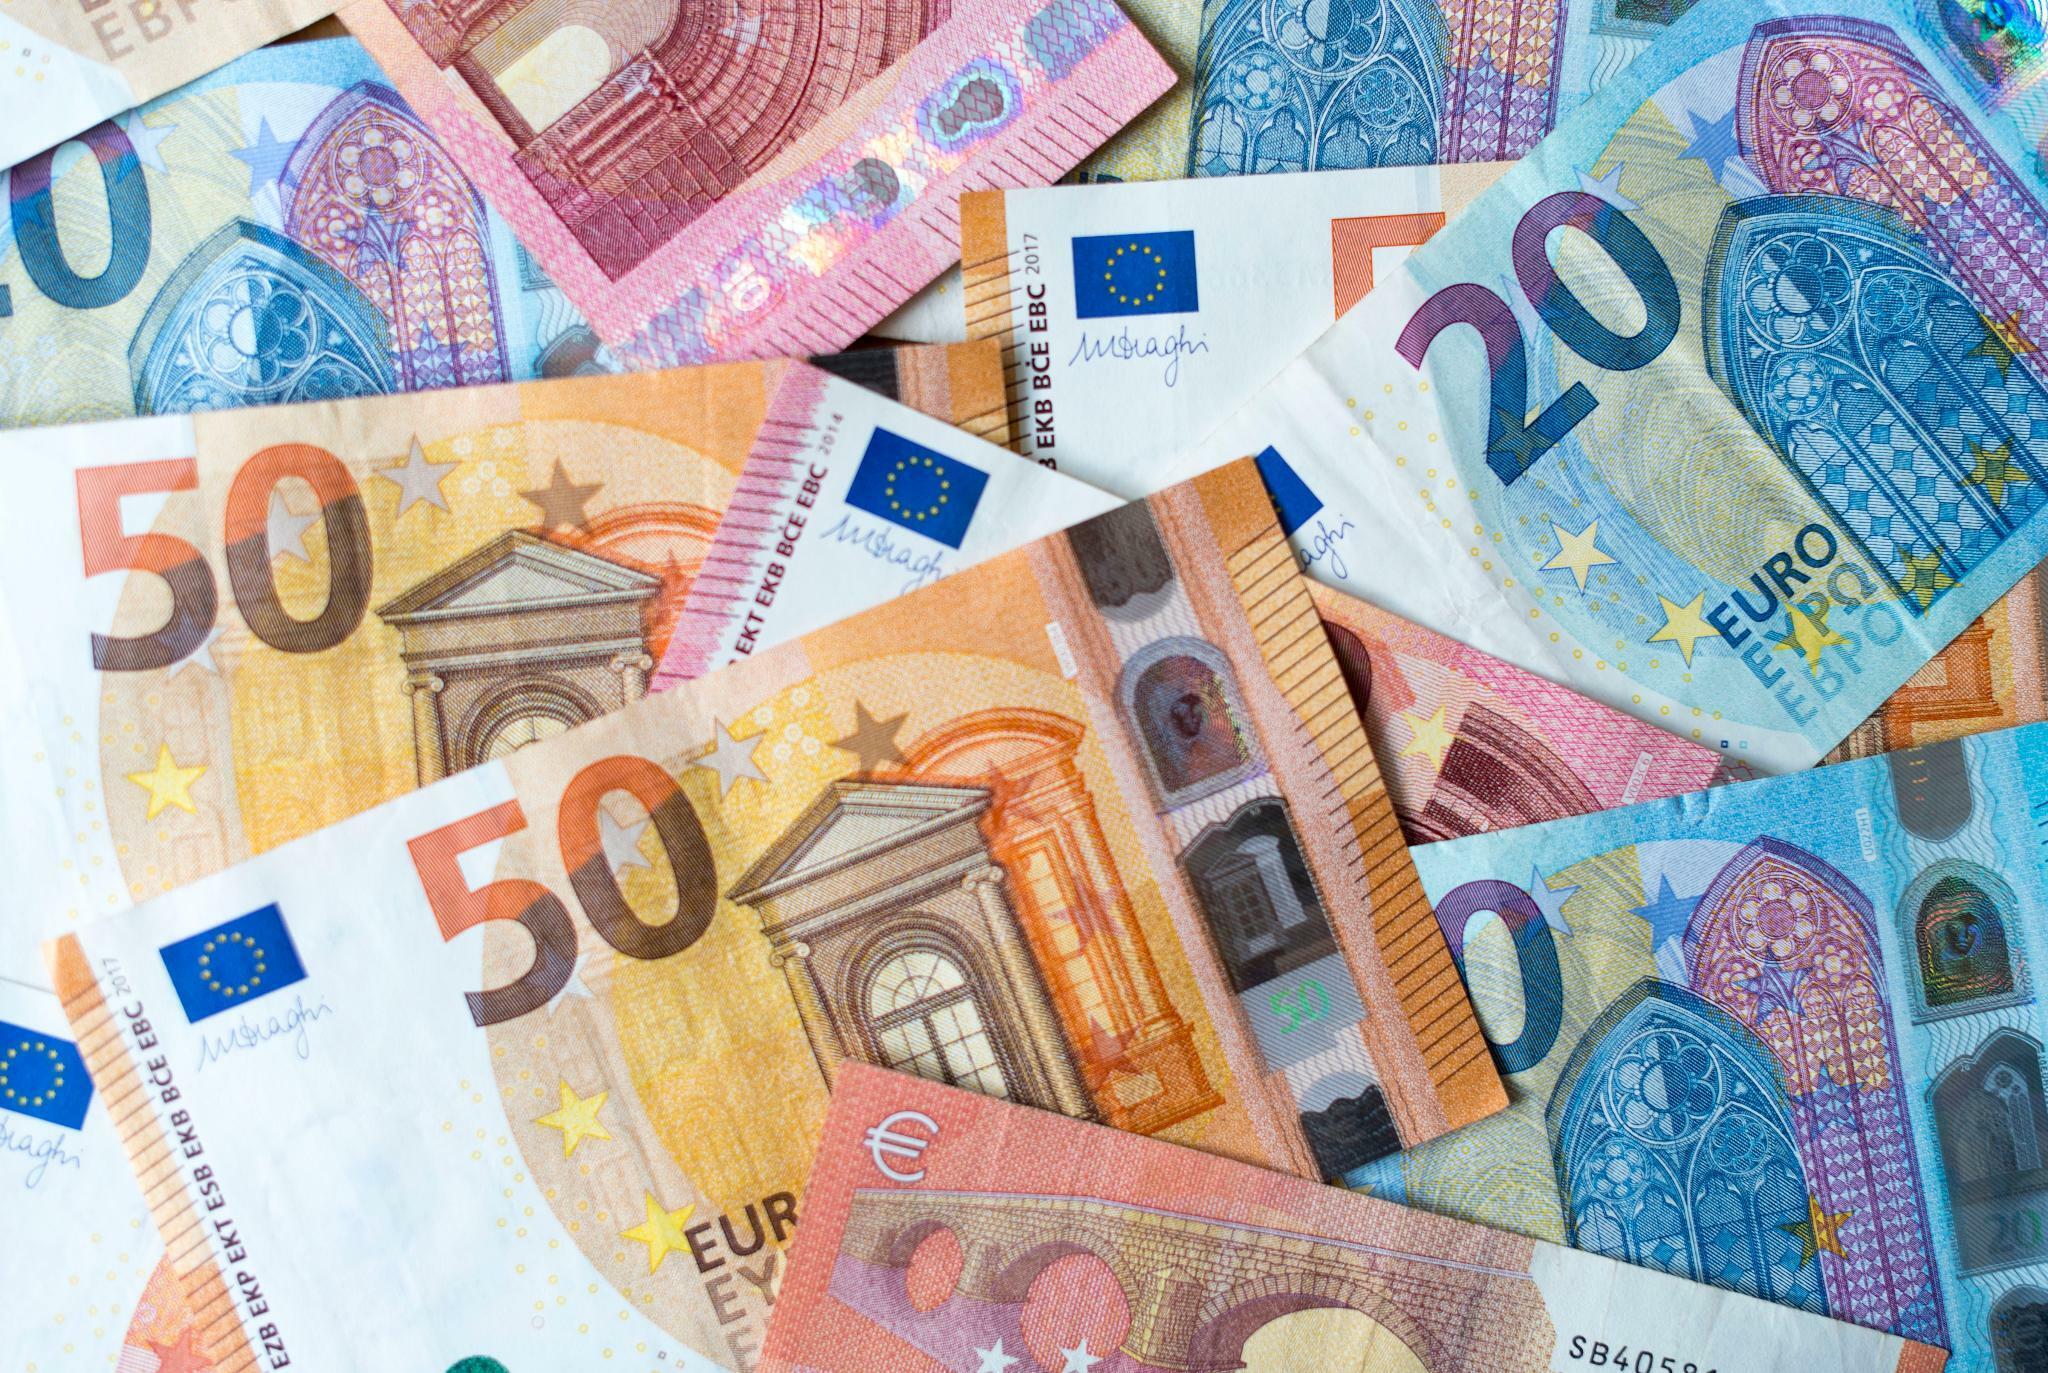 6237 Milliarden Euro: Geldvermögen der Privathaushalte steigt weiter